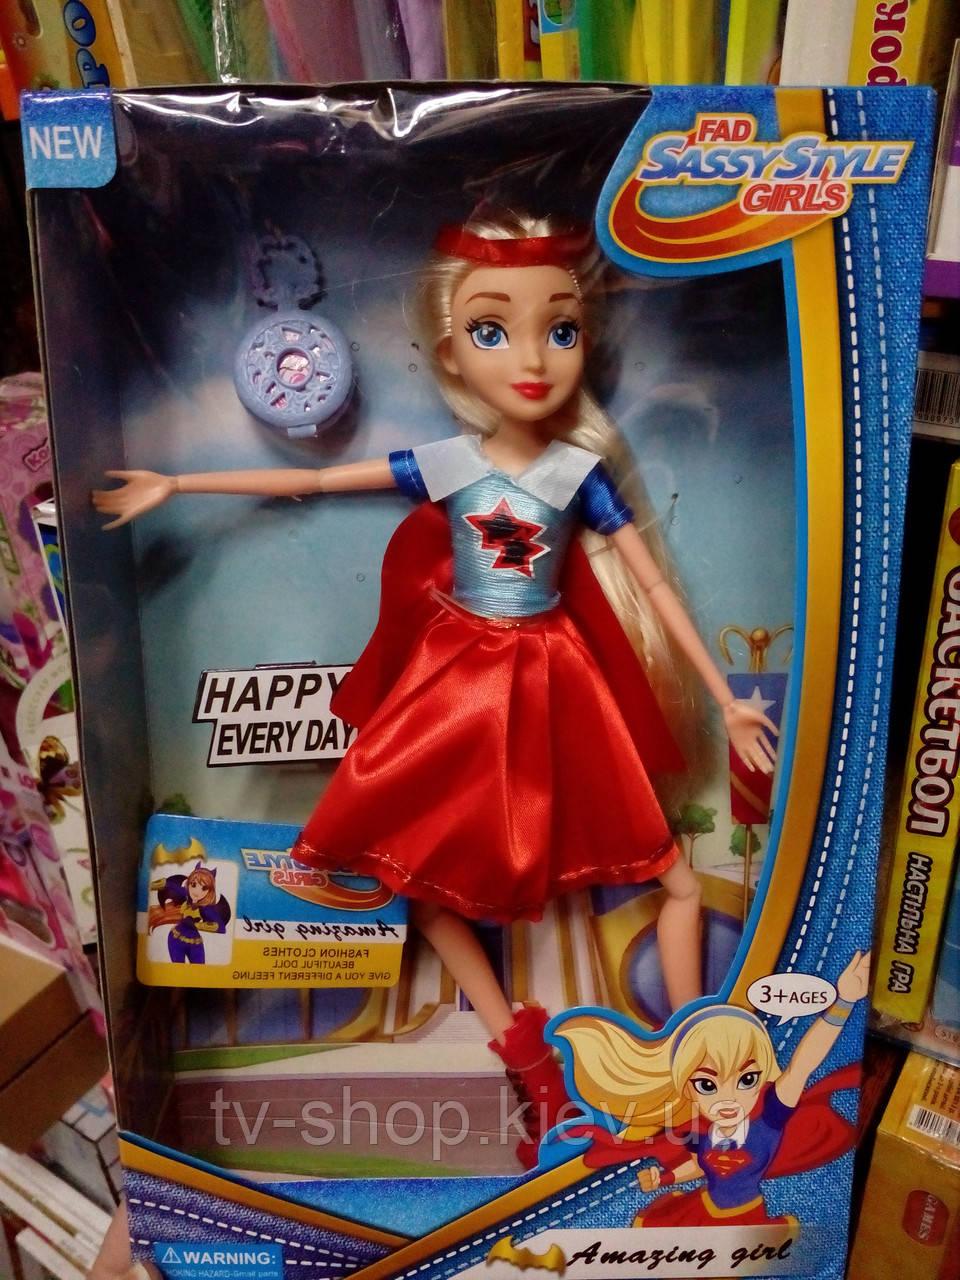 Кукла с  аксессуарами Супердевочка Amazing girl